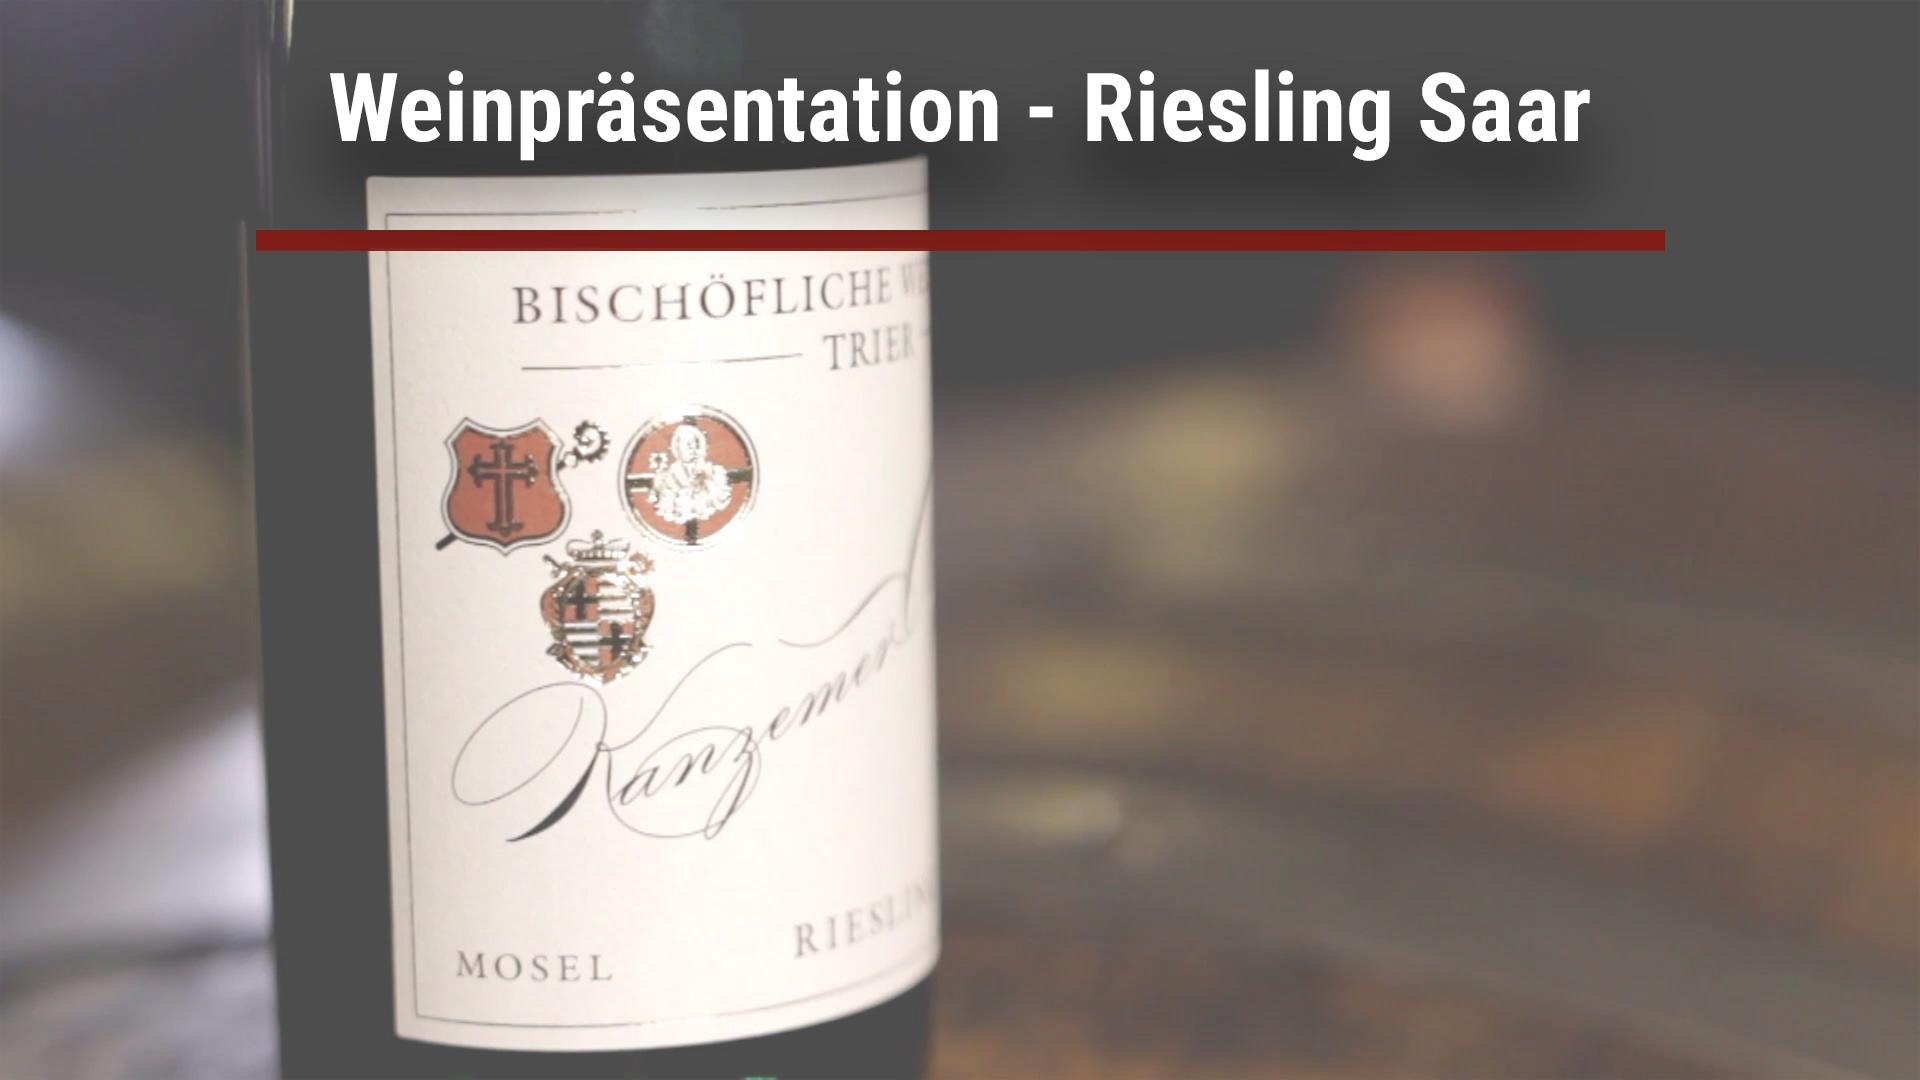 Wine presentation – Riesling Saar